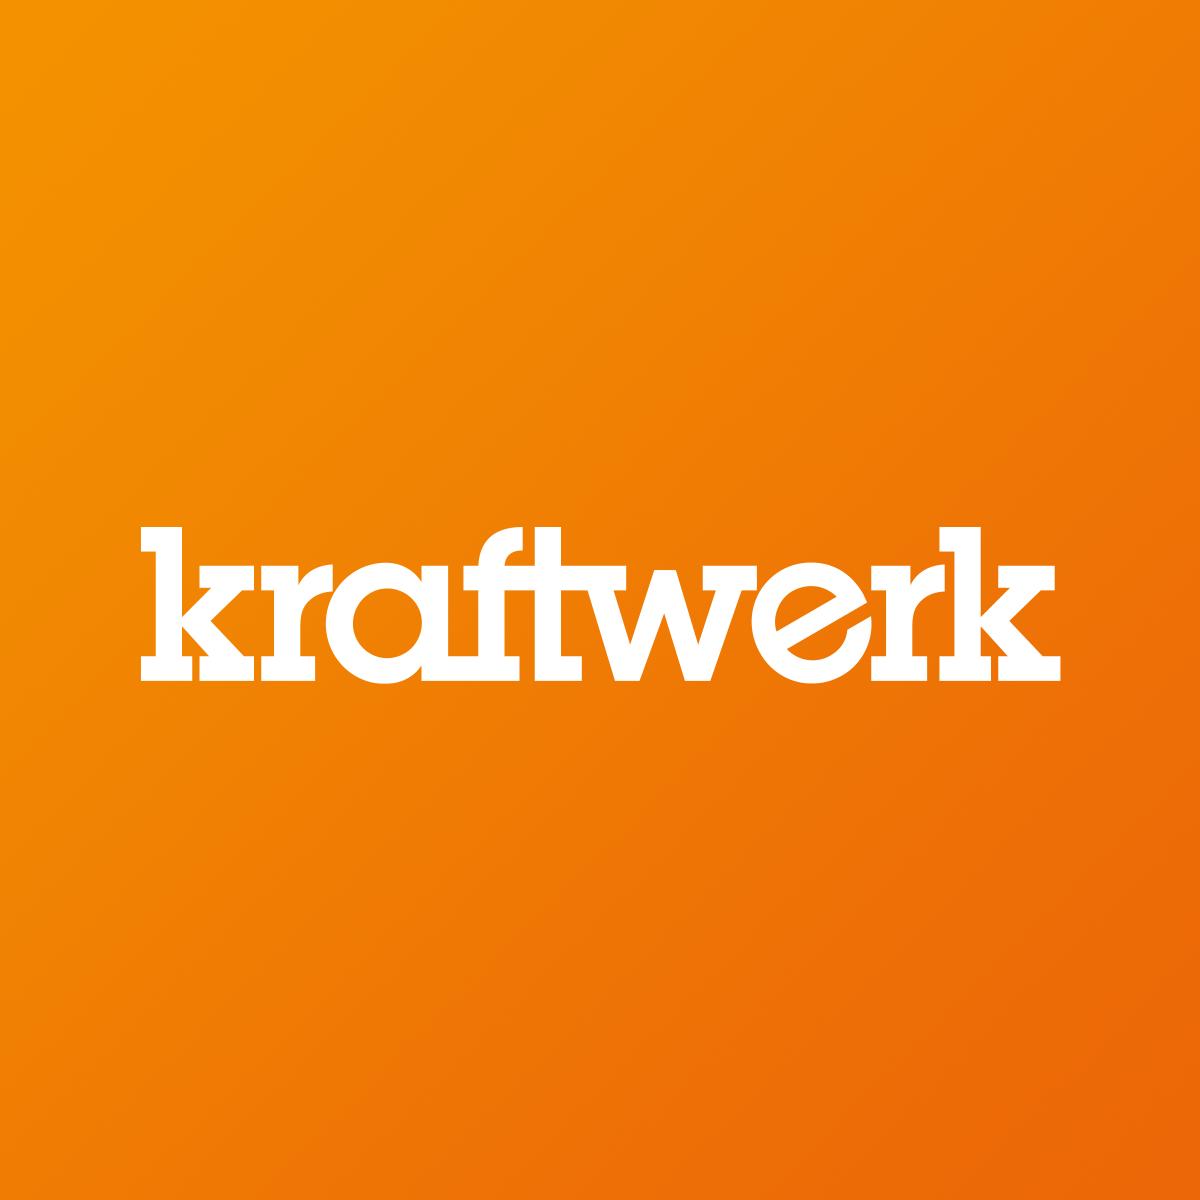 kraftwerk GmbH - Werbeagentur